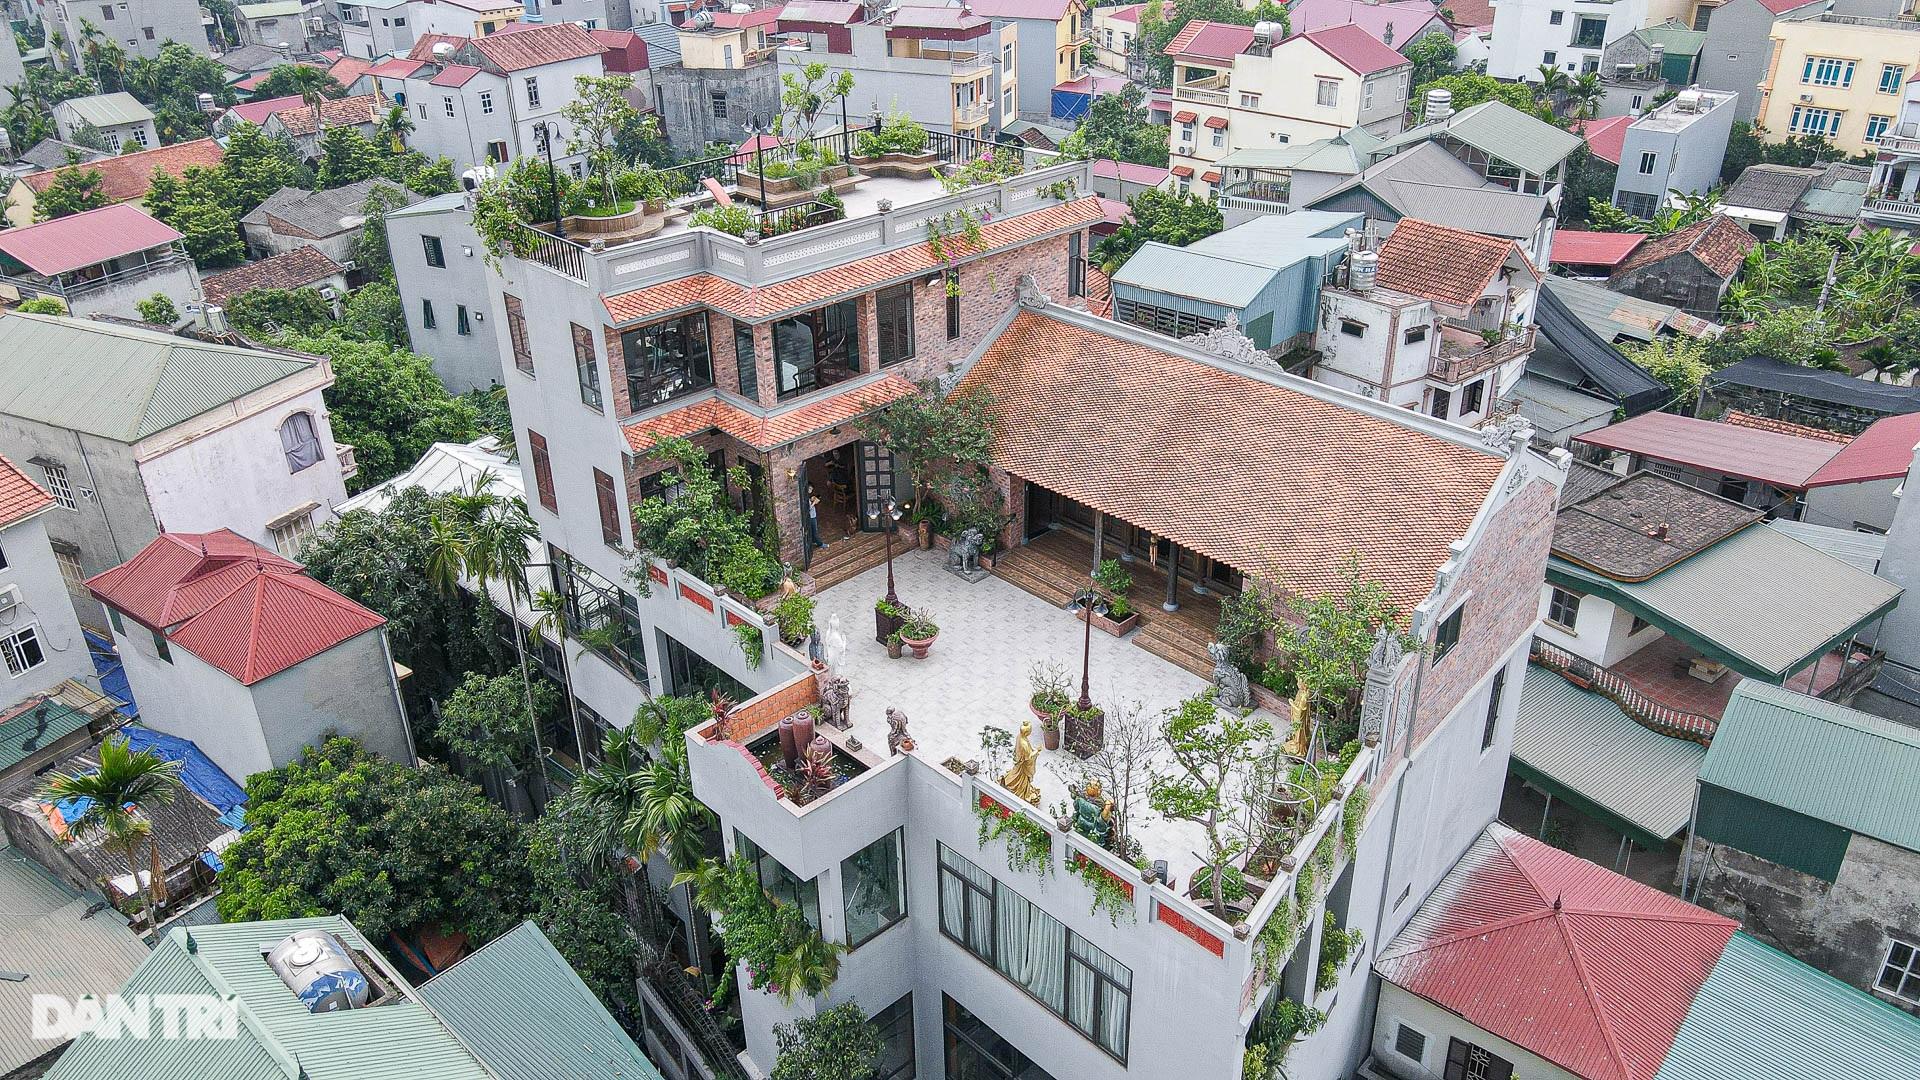 Độc đáo ngôi nhà cổ trăm tuổi rộng 100m2 tọa lạc trên nóc biệt thự ở Hà Nội - 1